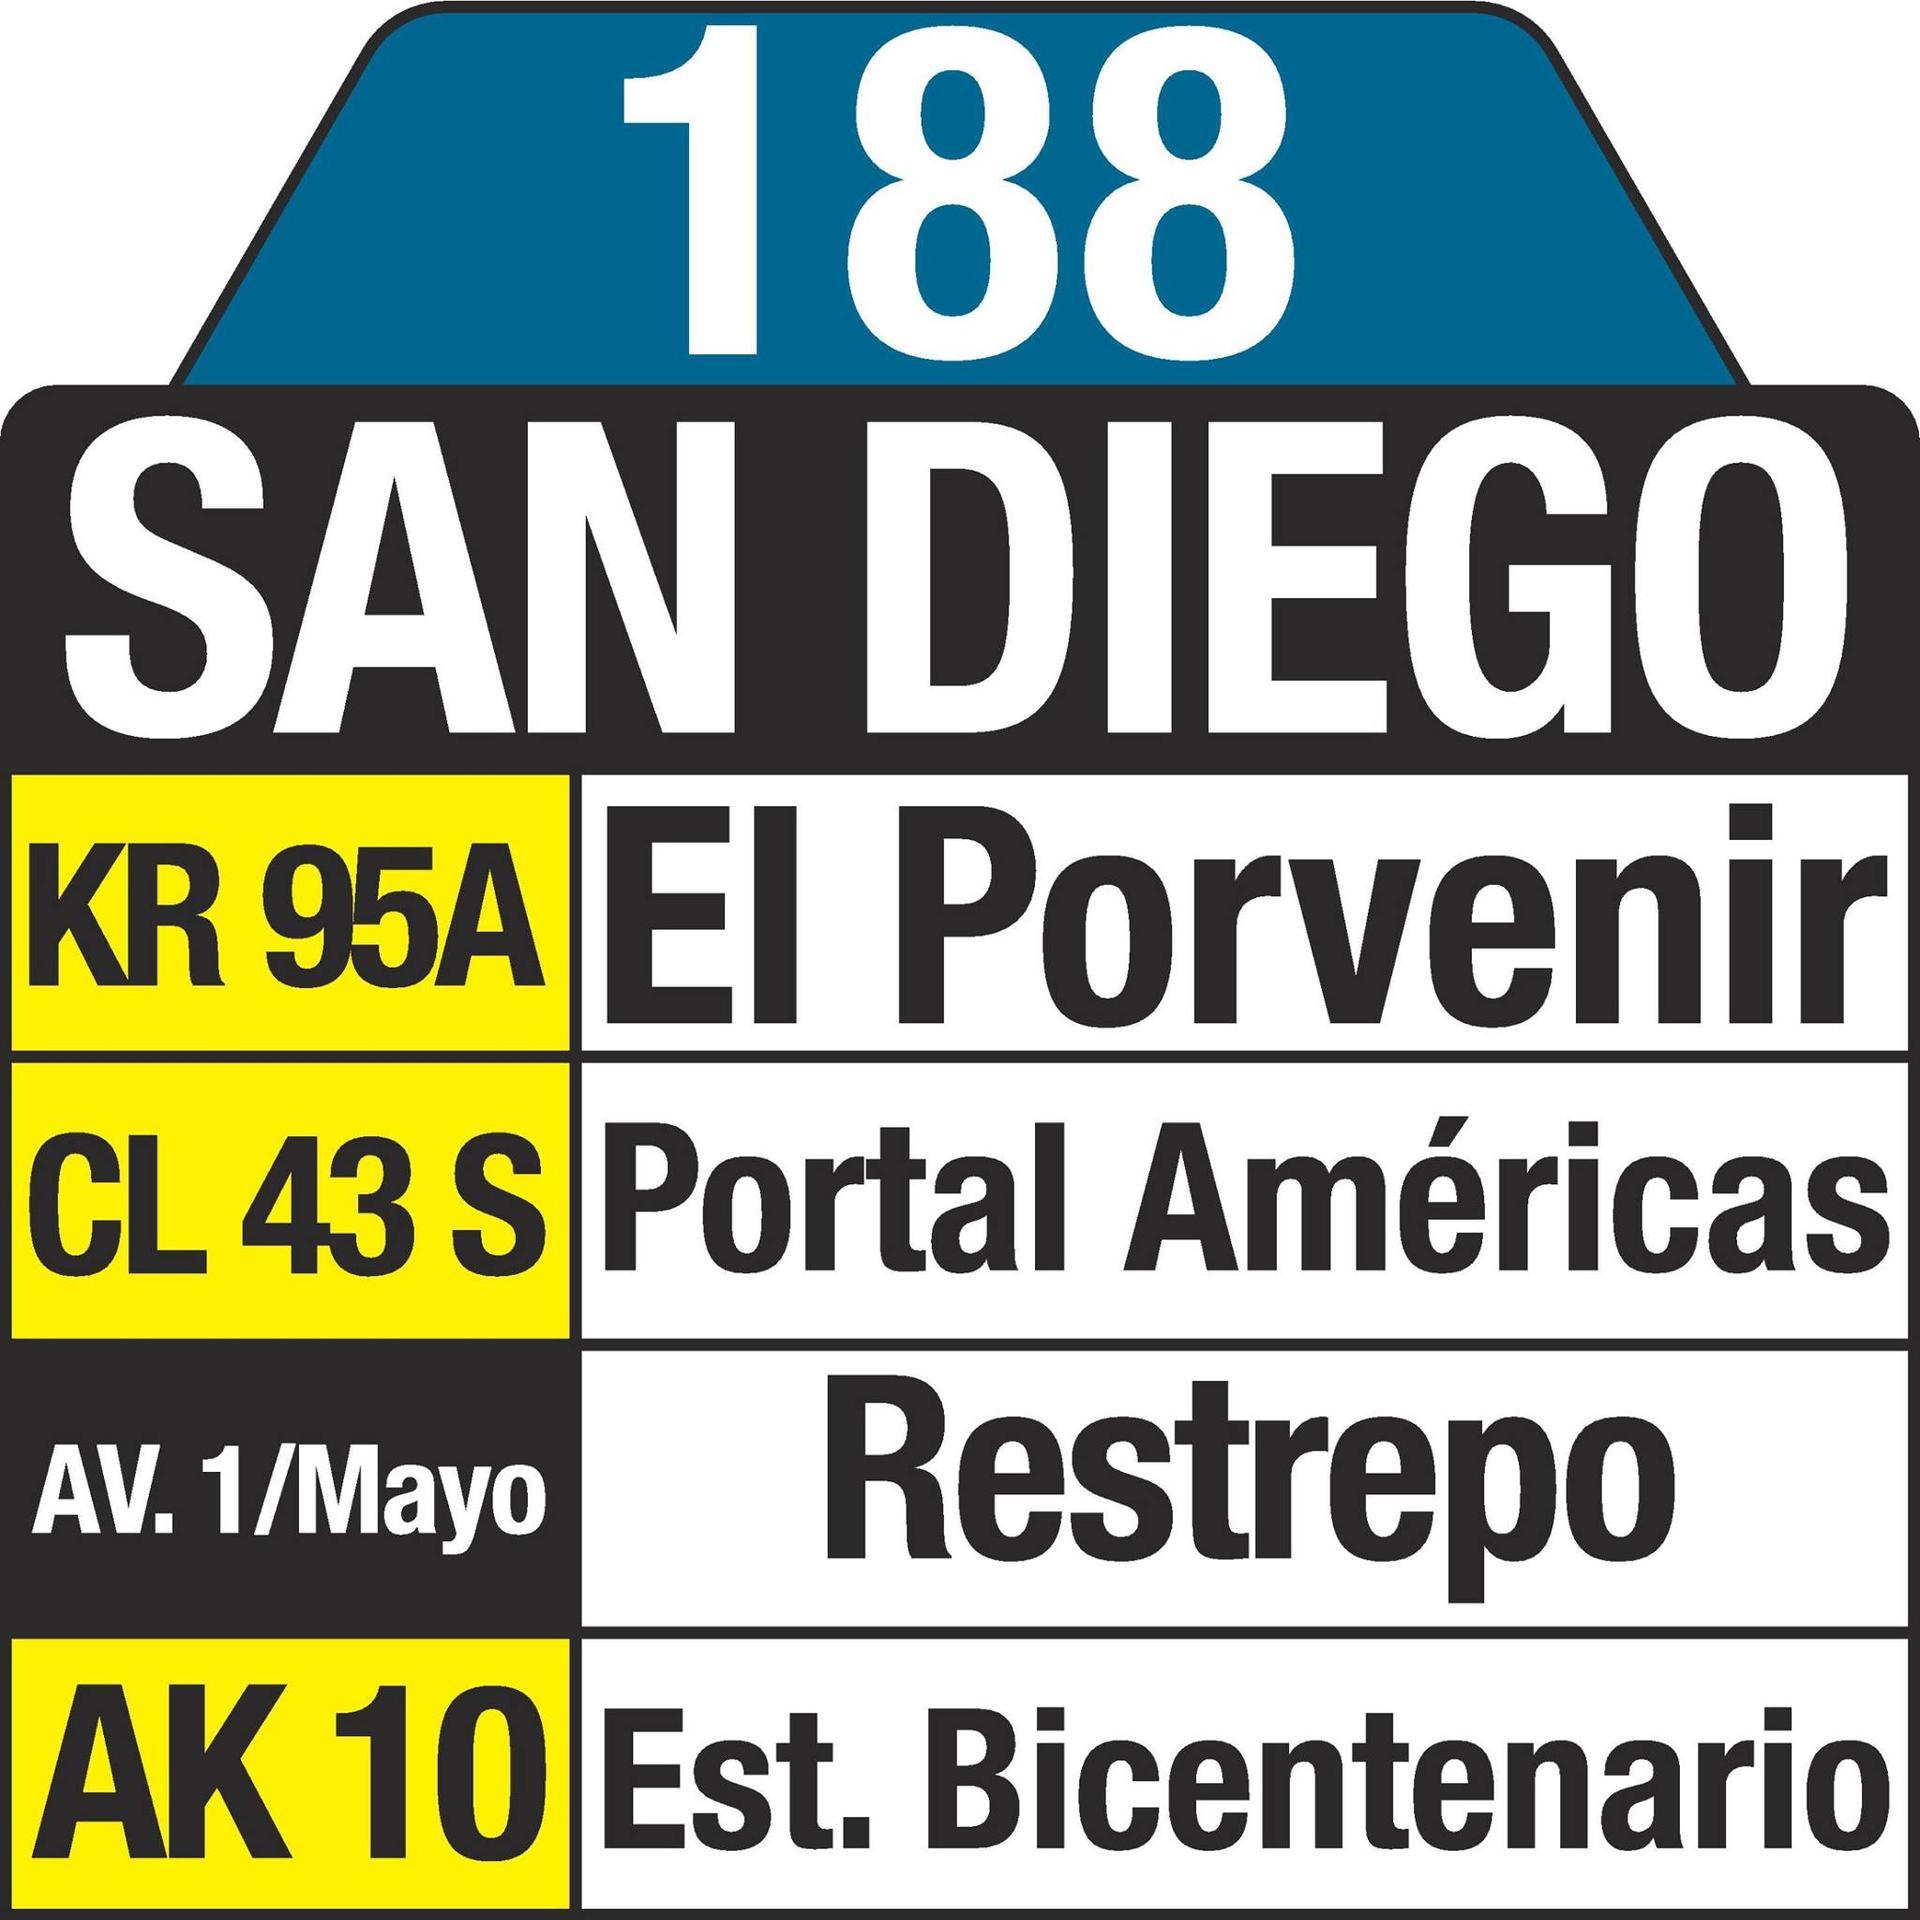 Ruta 188 sufre cambios en su recorrido desde hoy 1